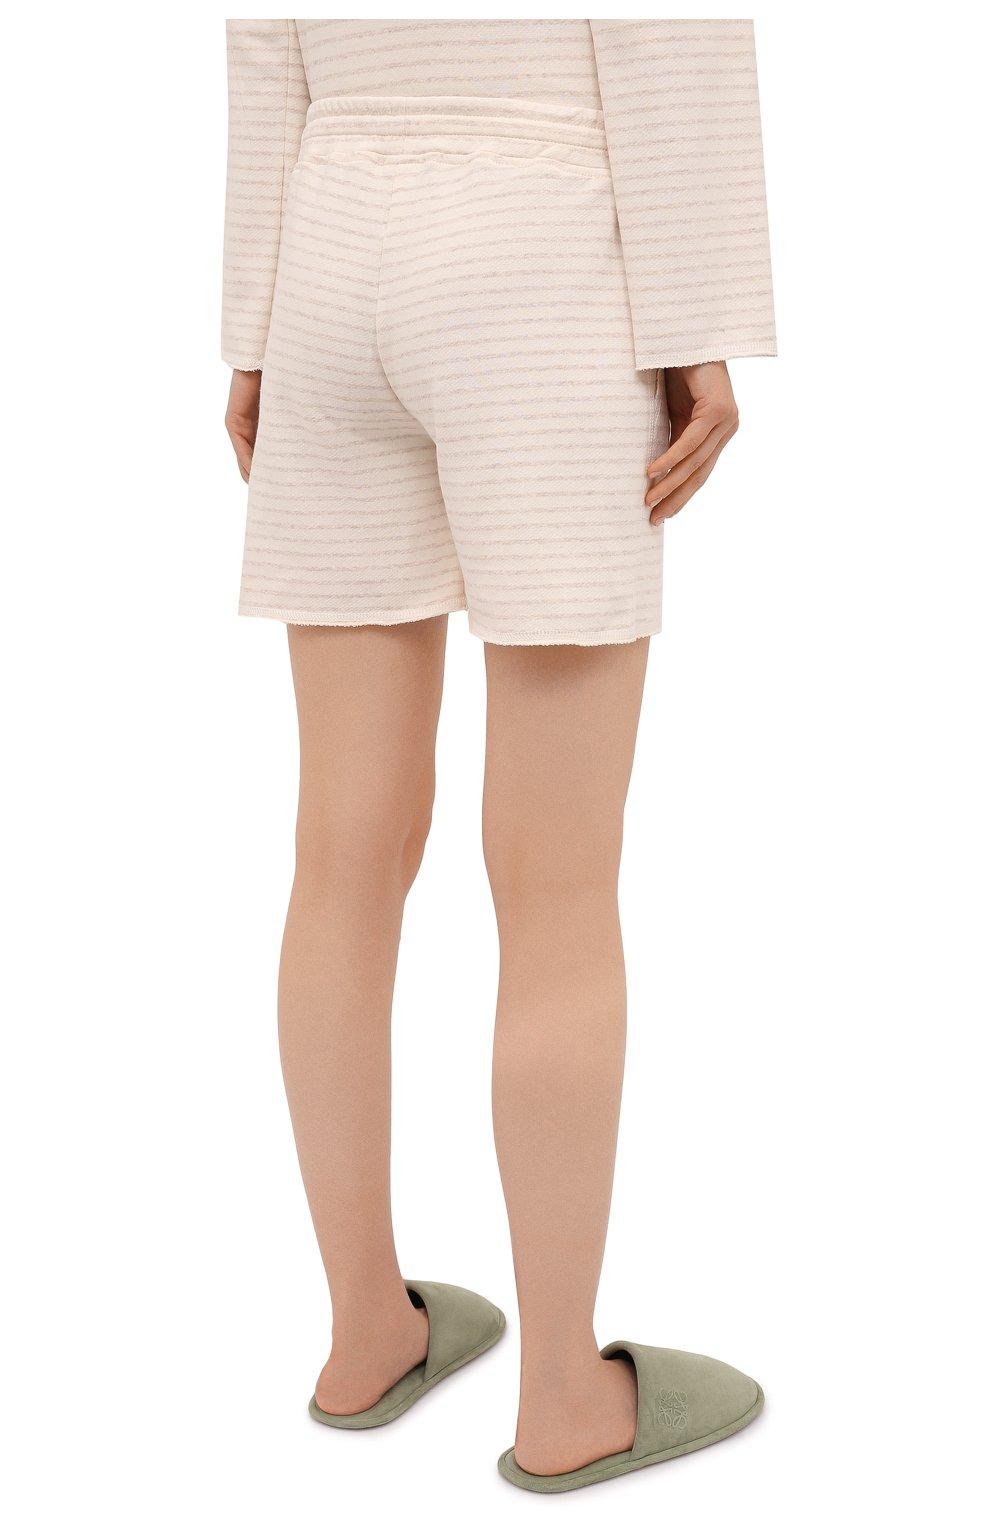 Женские шорты EVA B.BITZER светло-бежевого цвета, арт. 11322845 | Фото 4 (Длина Ж (юбки, платья, шорты): Мини; Женское Кросс-КТ: Домашние шорты; Материал внешний: Хлопок)